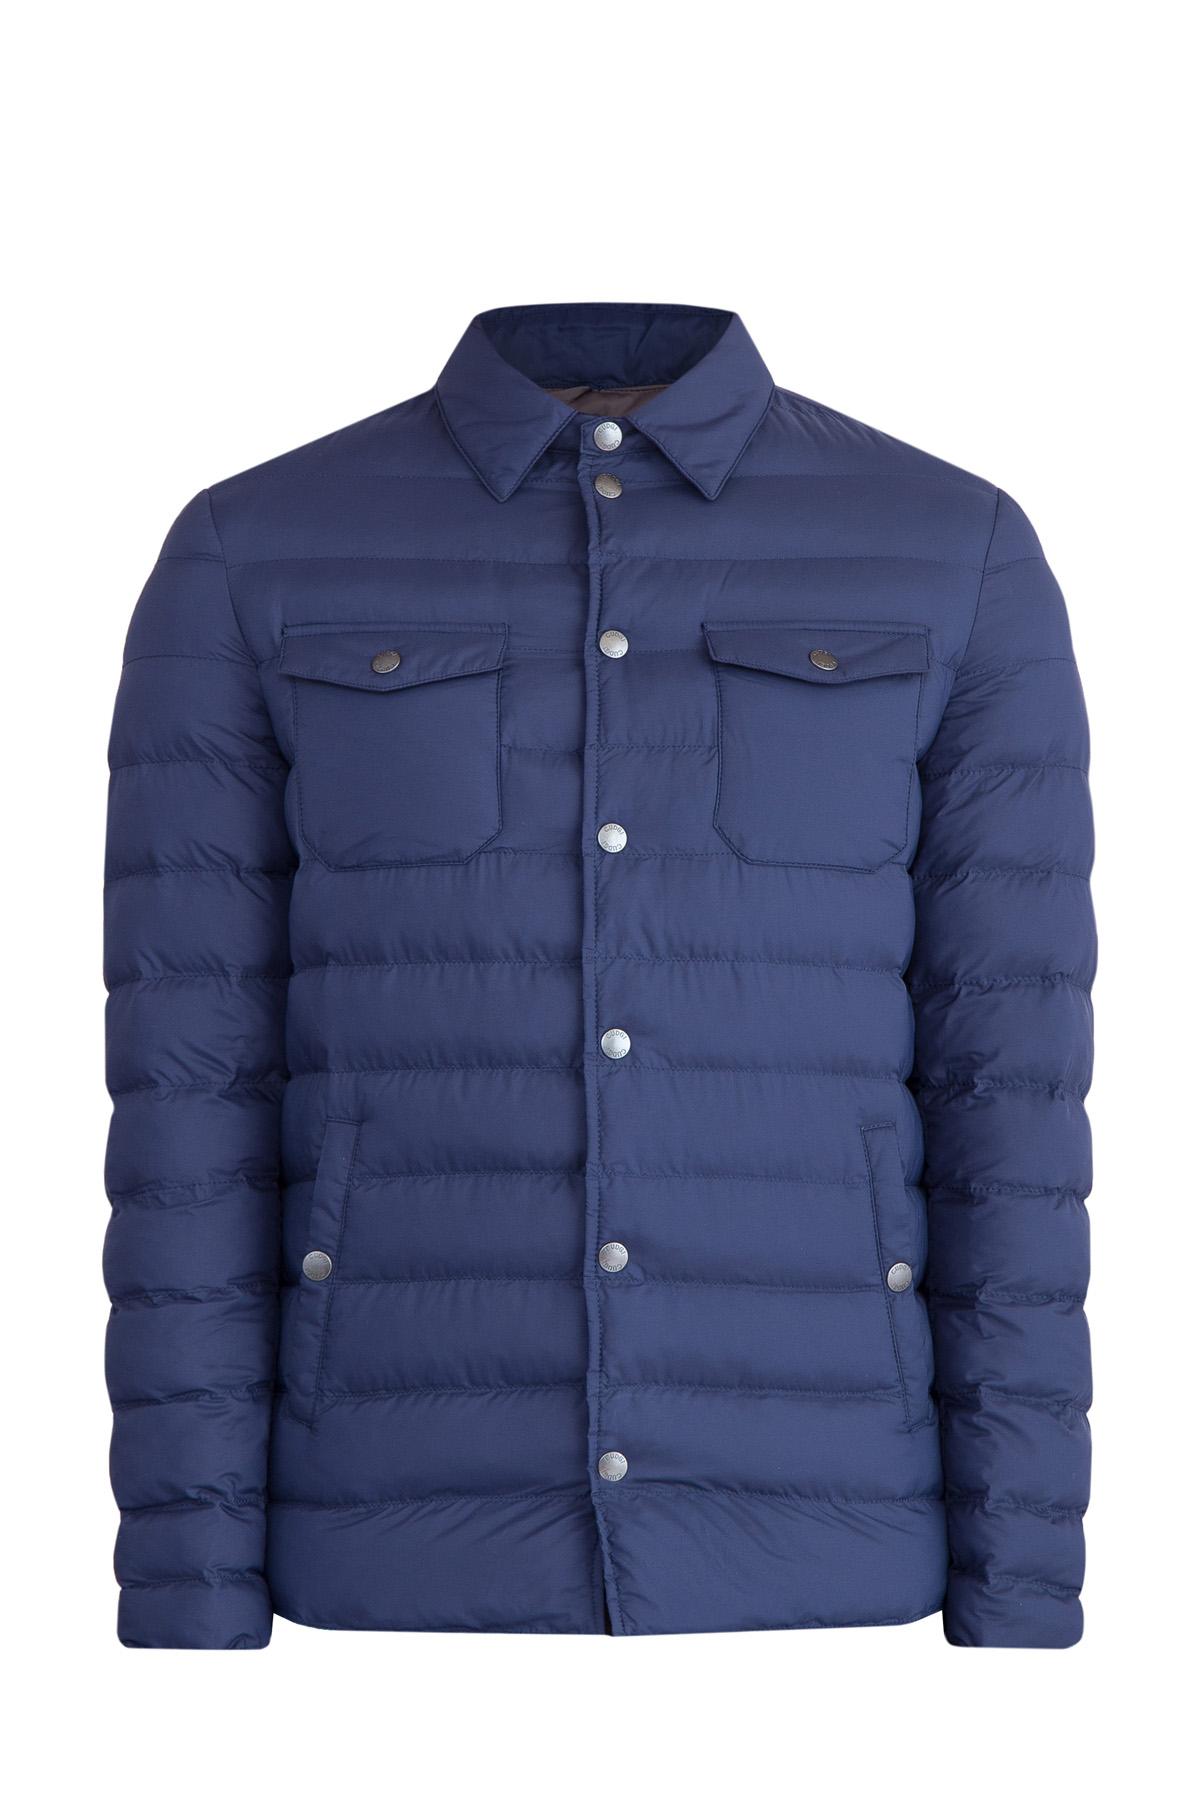 Купить Куртка, CUDGI, Италия, полиэстер 100%